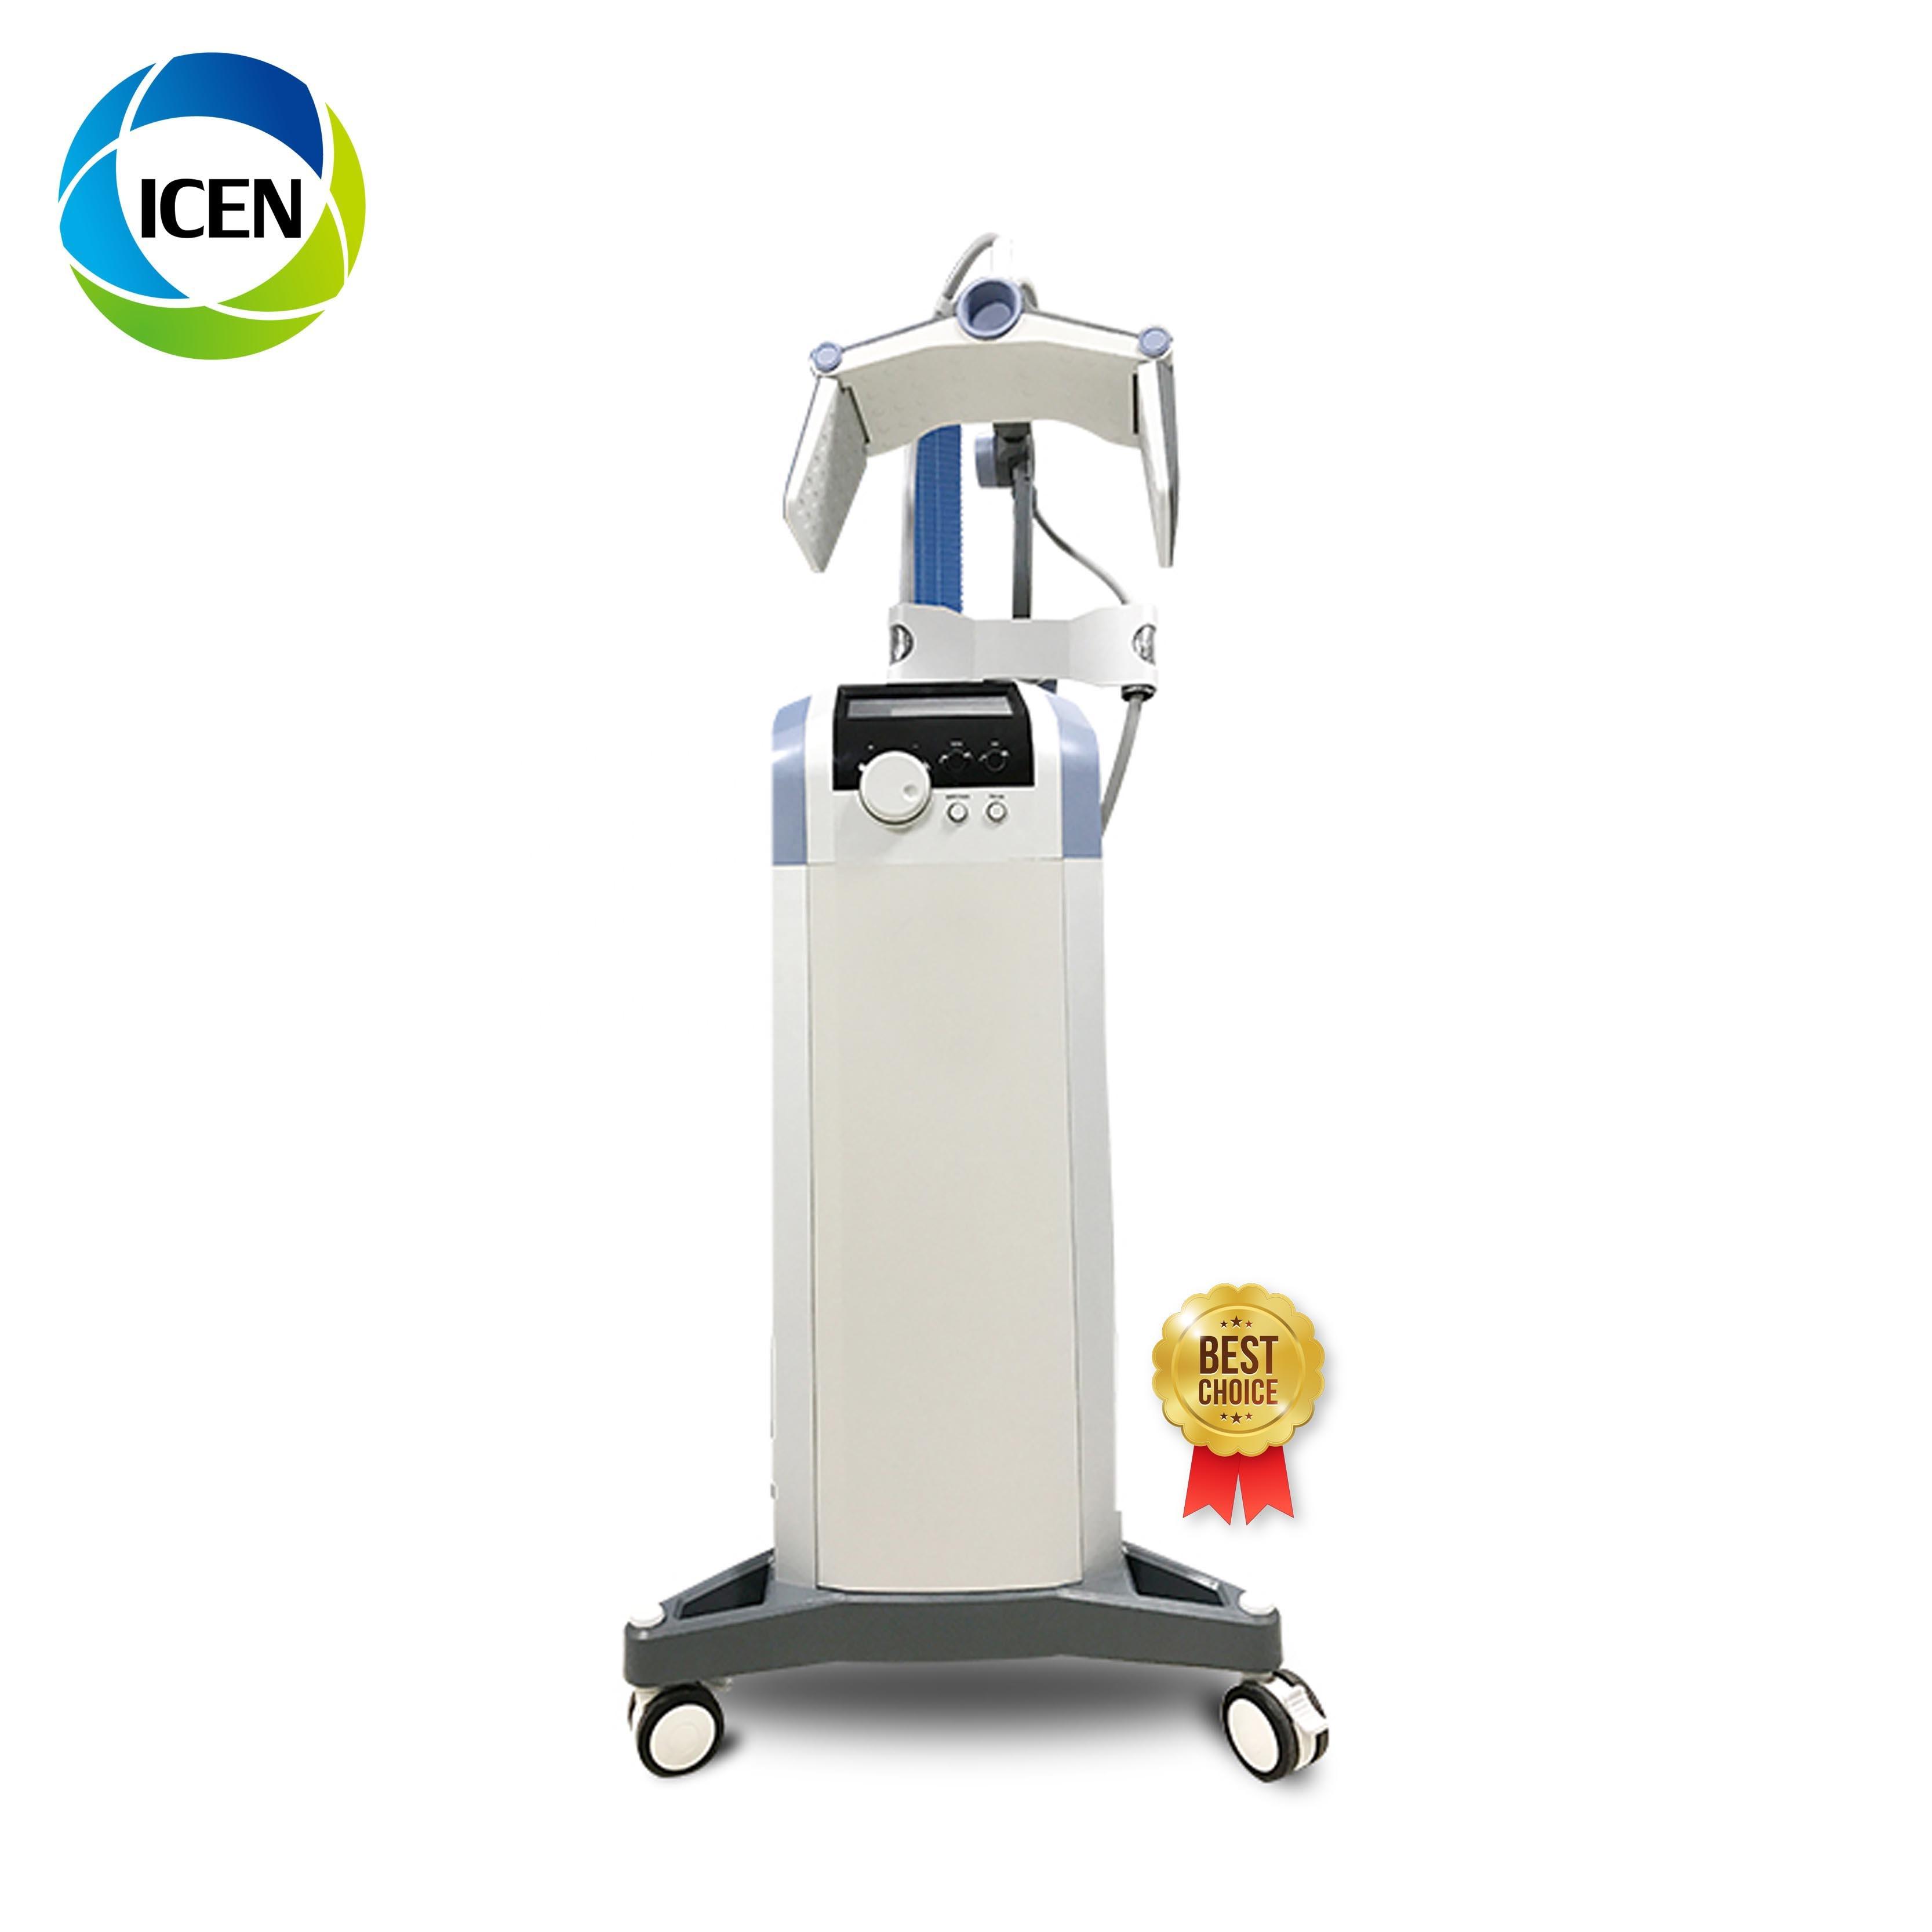 IN-M550 радиочастотный нехирургический аппарат для уменьшения жира и похудения